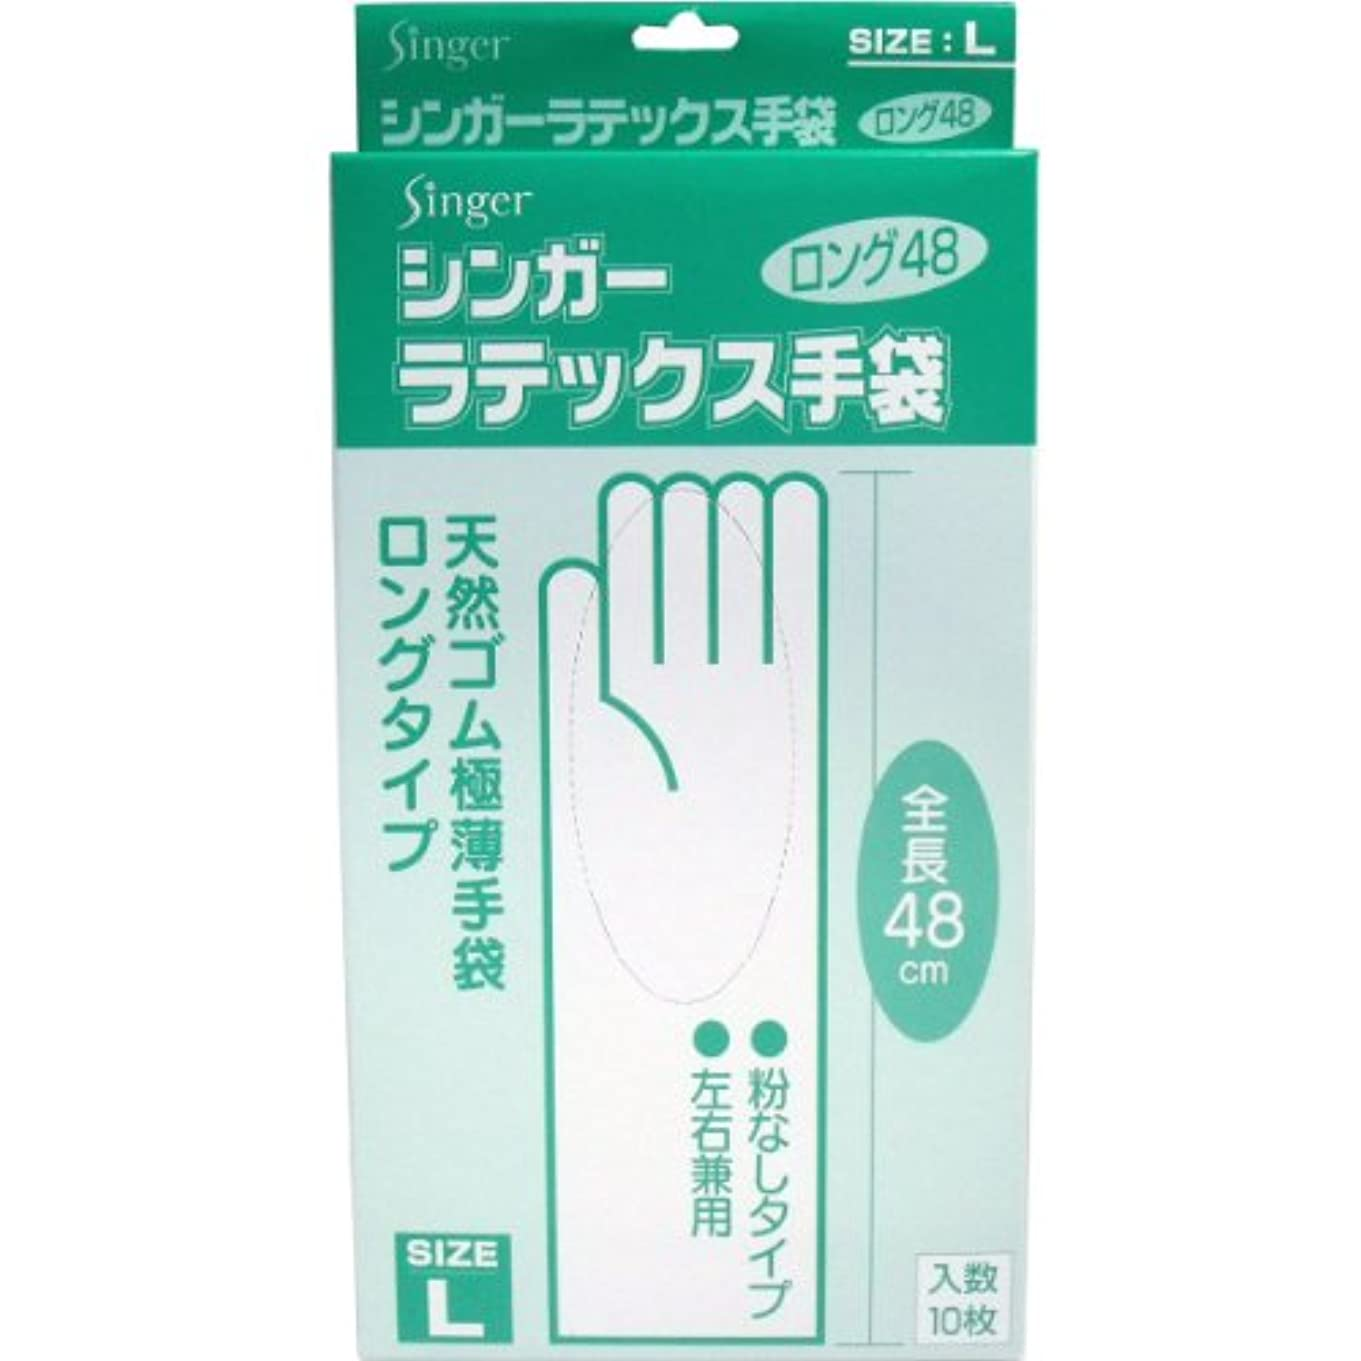 ええ選ぶナット宇都宮製作 シンガー ラテックス手袋 ロング48 パウダーフリー L 1セット(30枚:10枚×3箱)